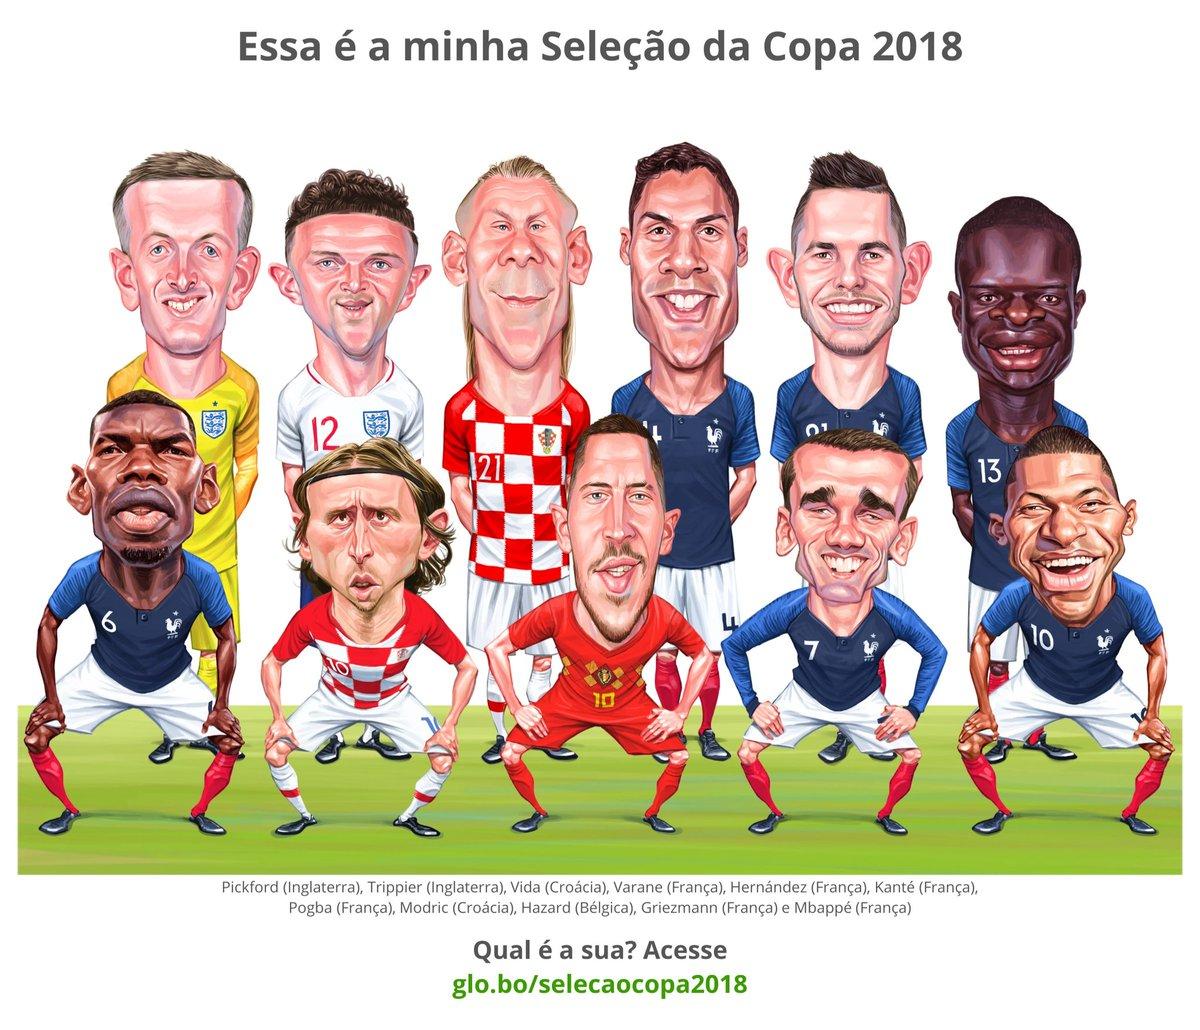 #Bomdiafoxsegunda Latest News Trends Updates Images - Velinho__